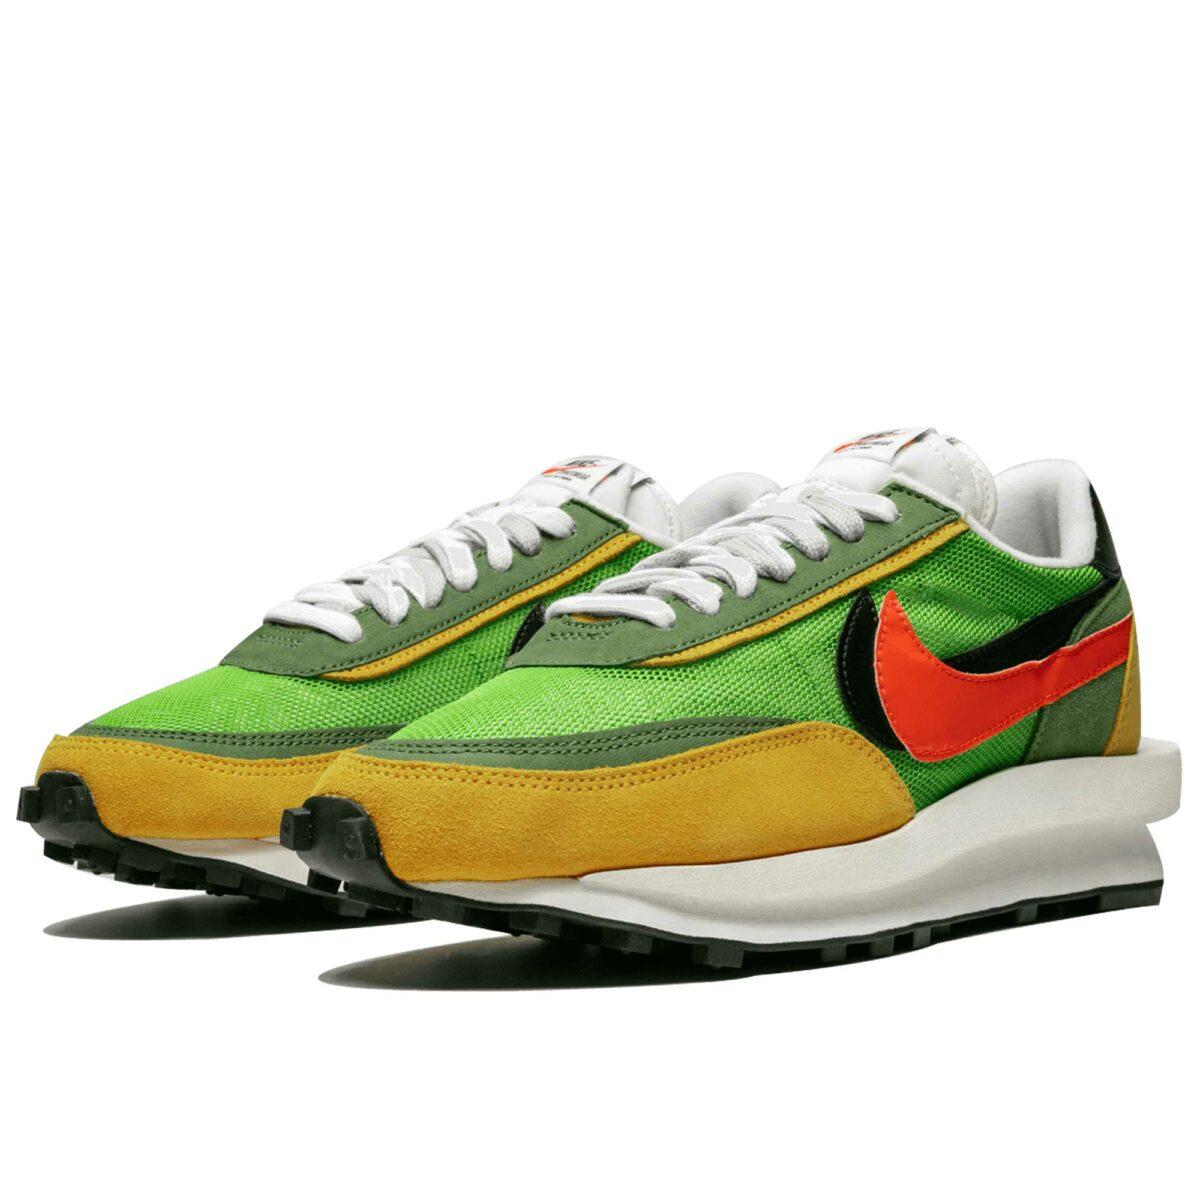 nike LDWaffle sacai - green gusto BV0073_300 купить